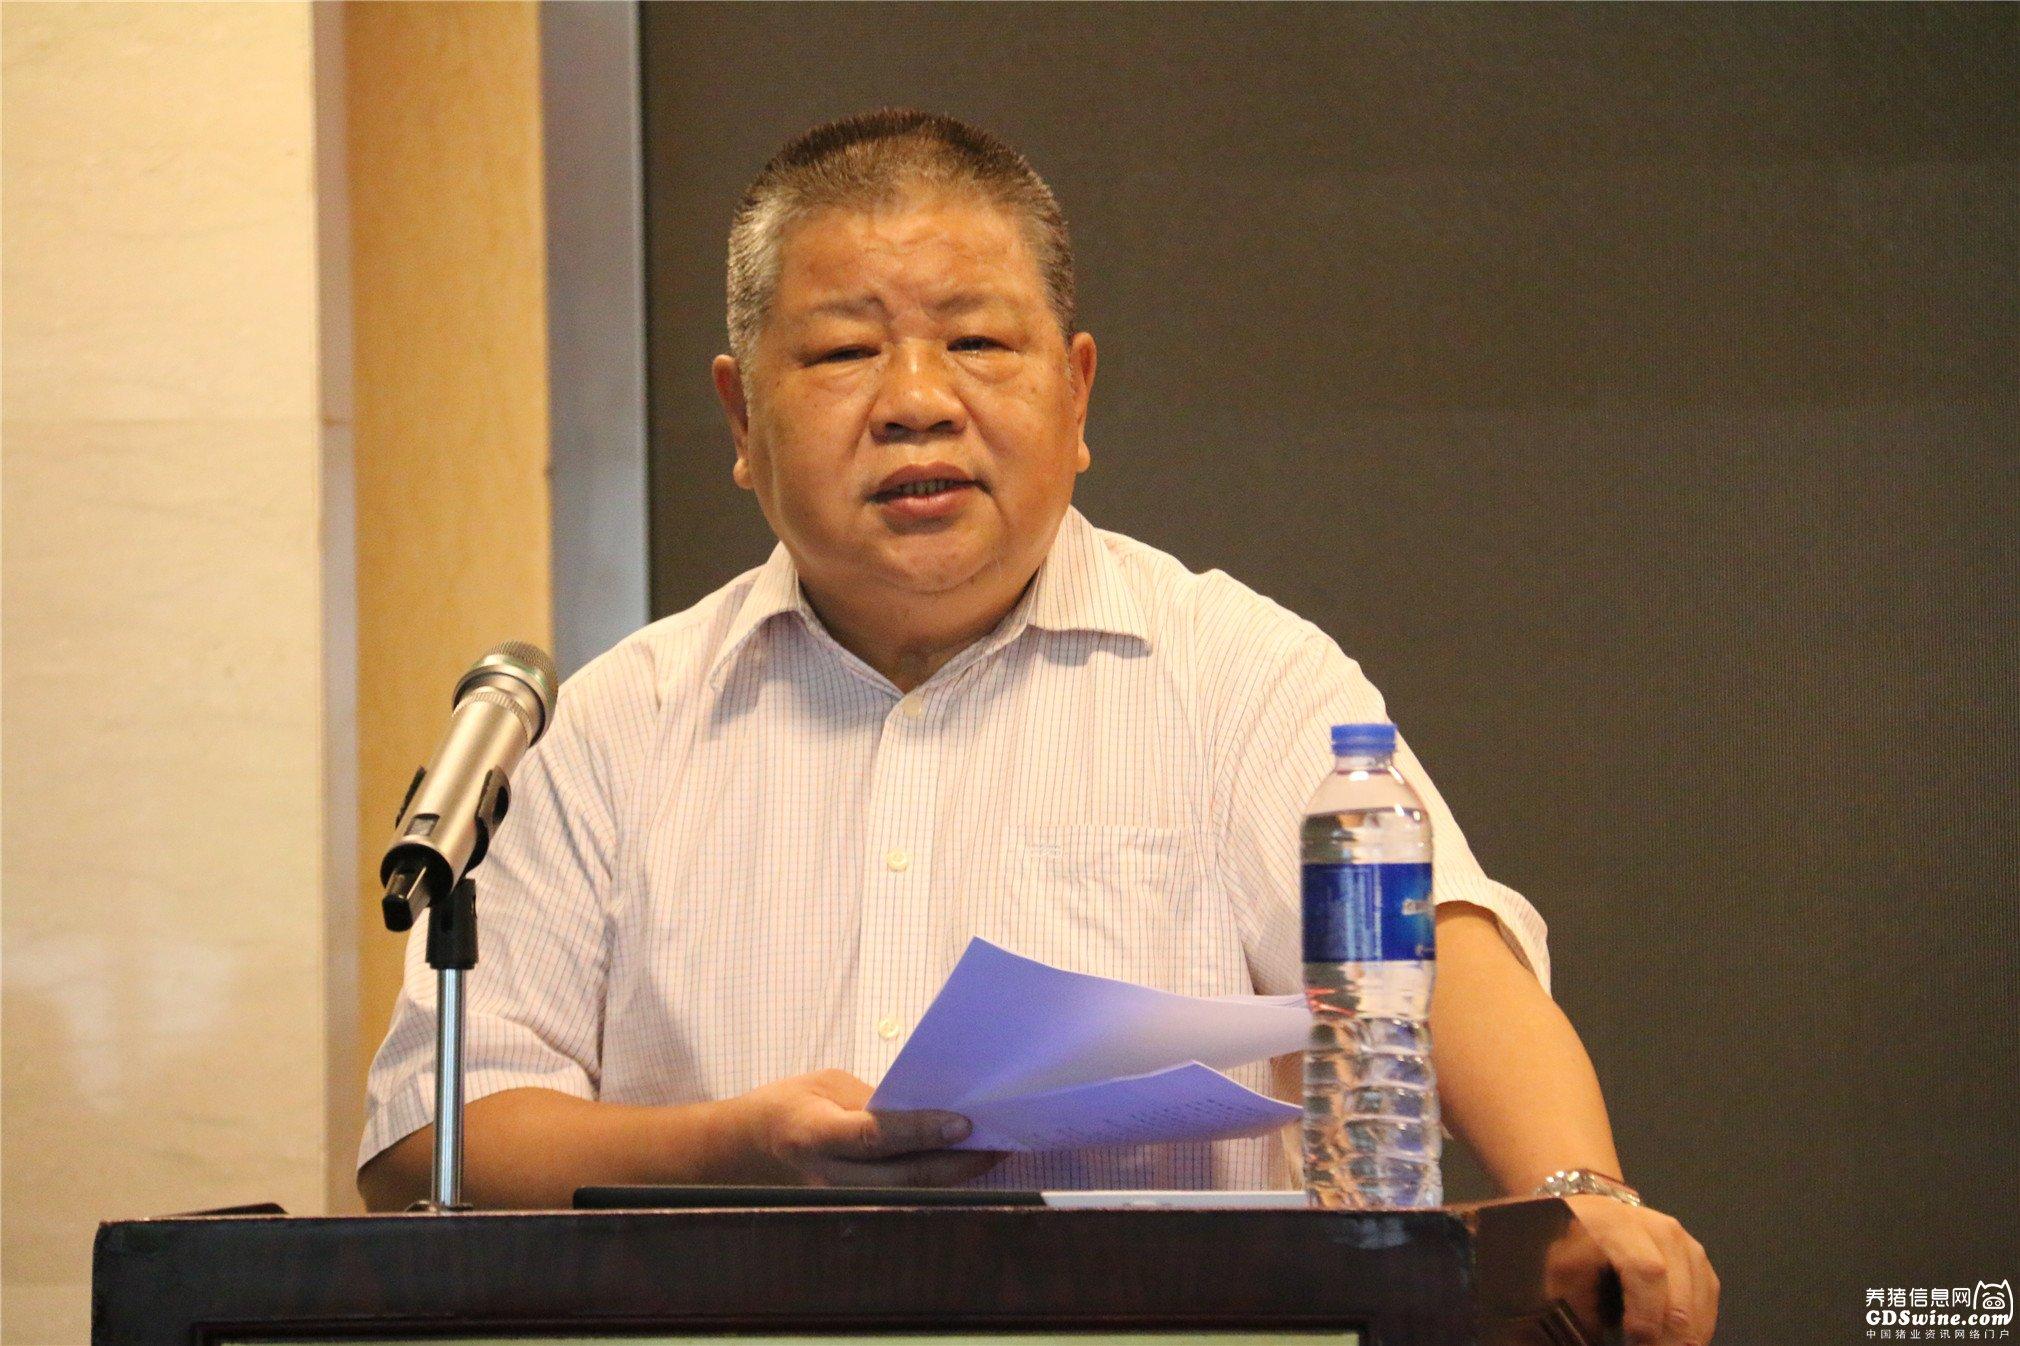 广东省养猪行业协会第七届理事会会长吴秋豪